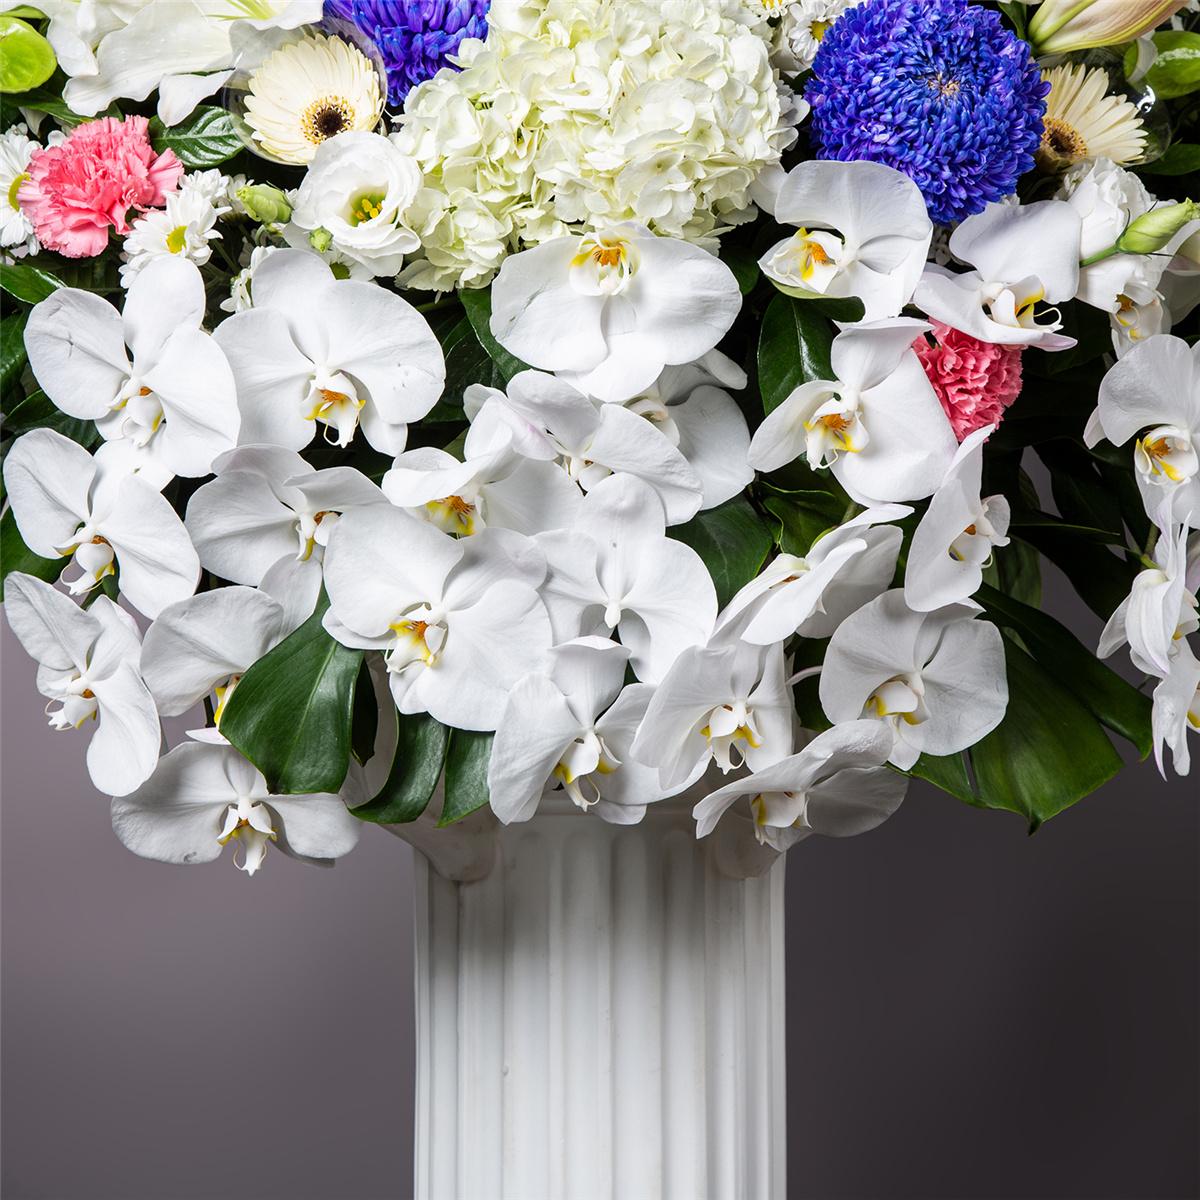 追思蘭花藝術羅馬柱花籃